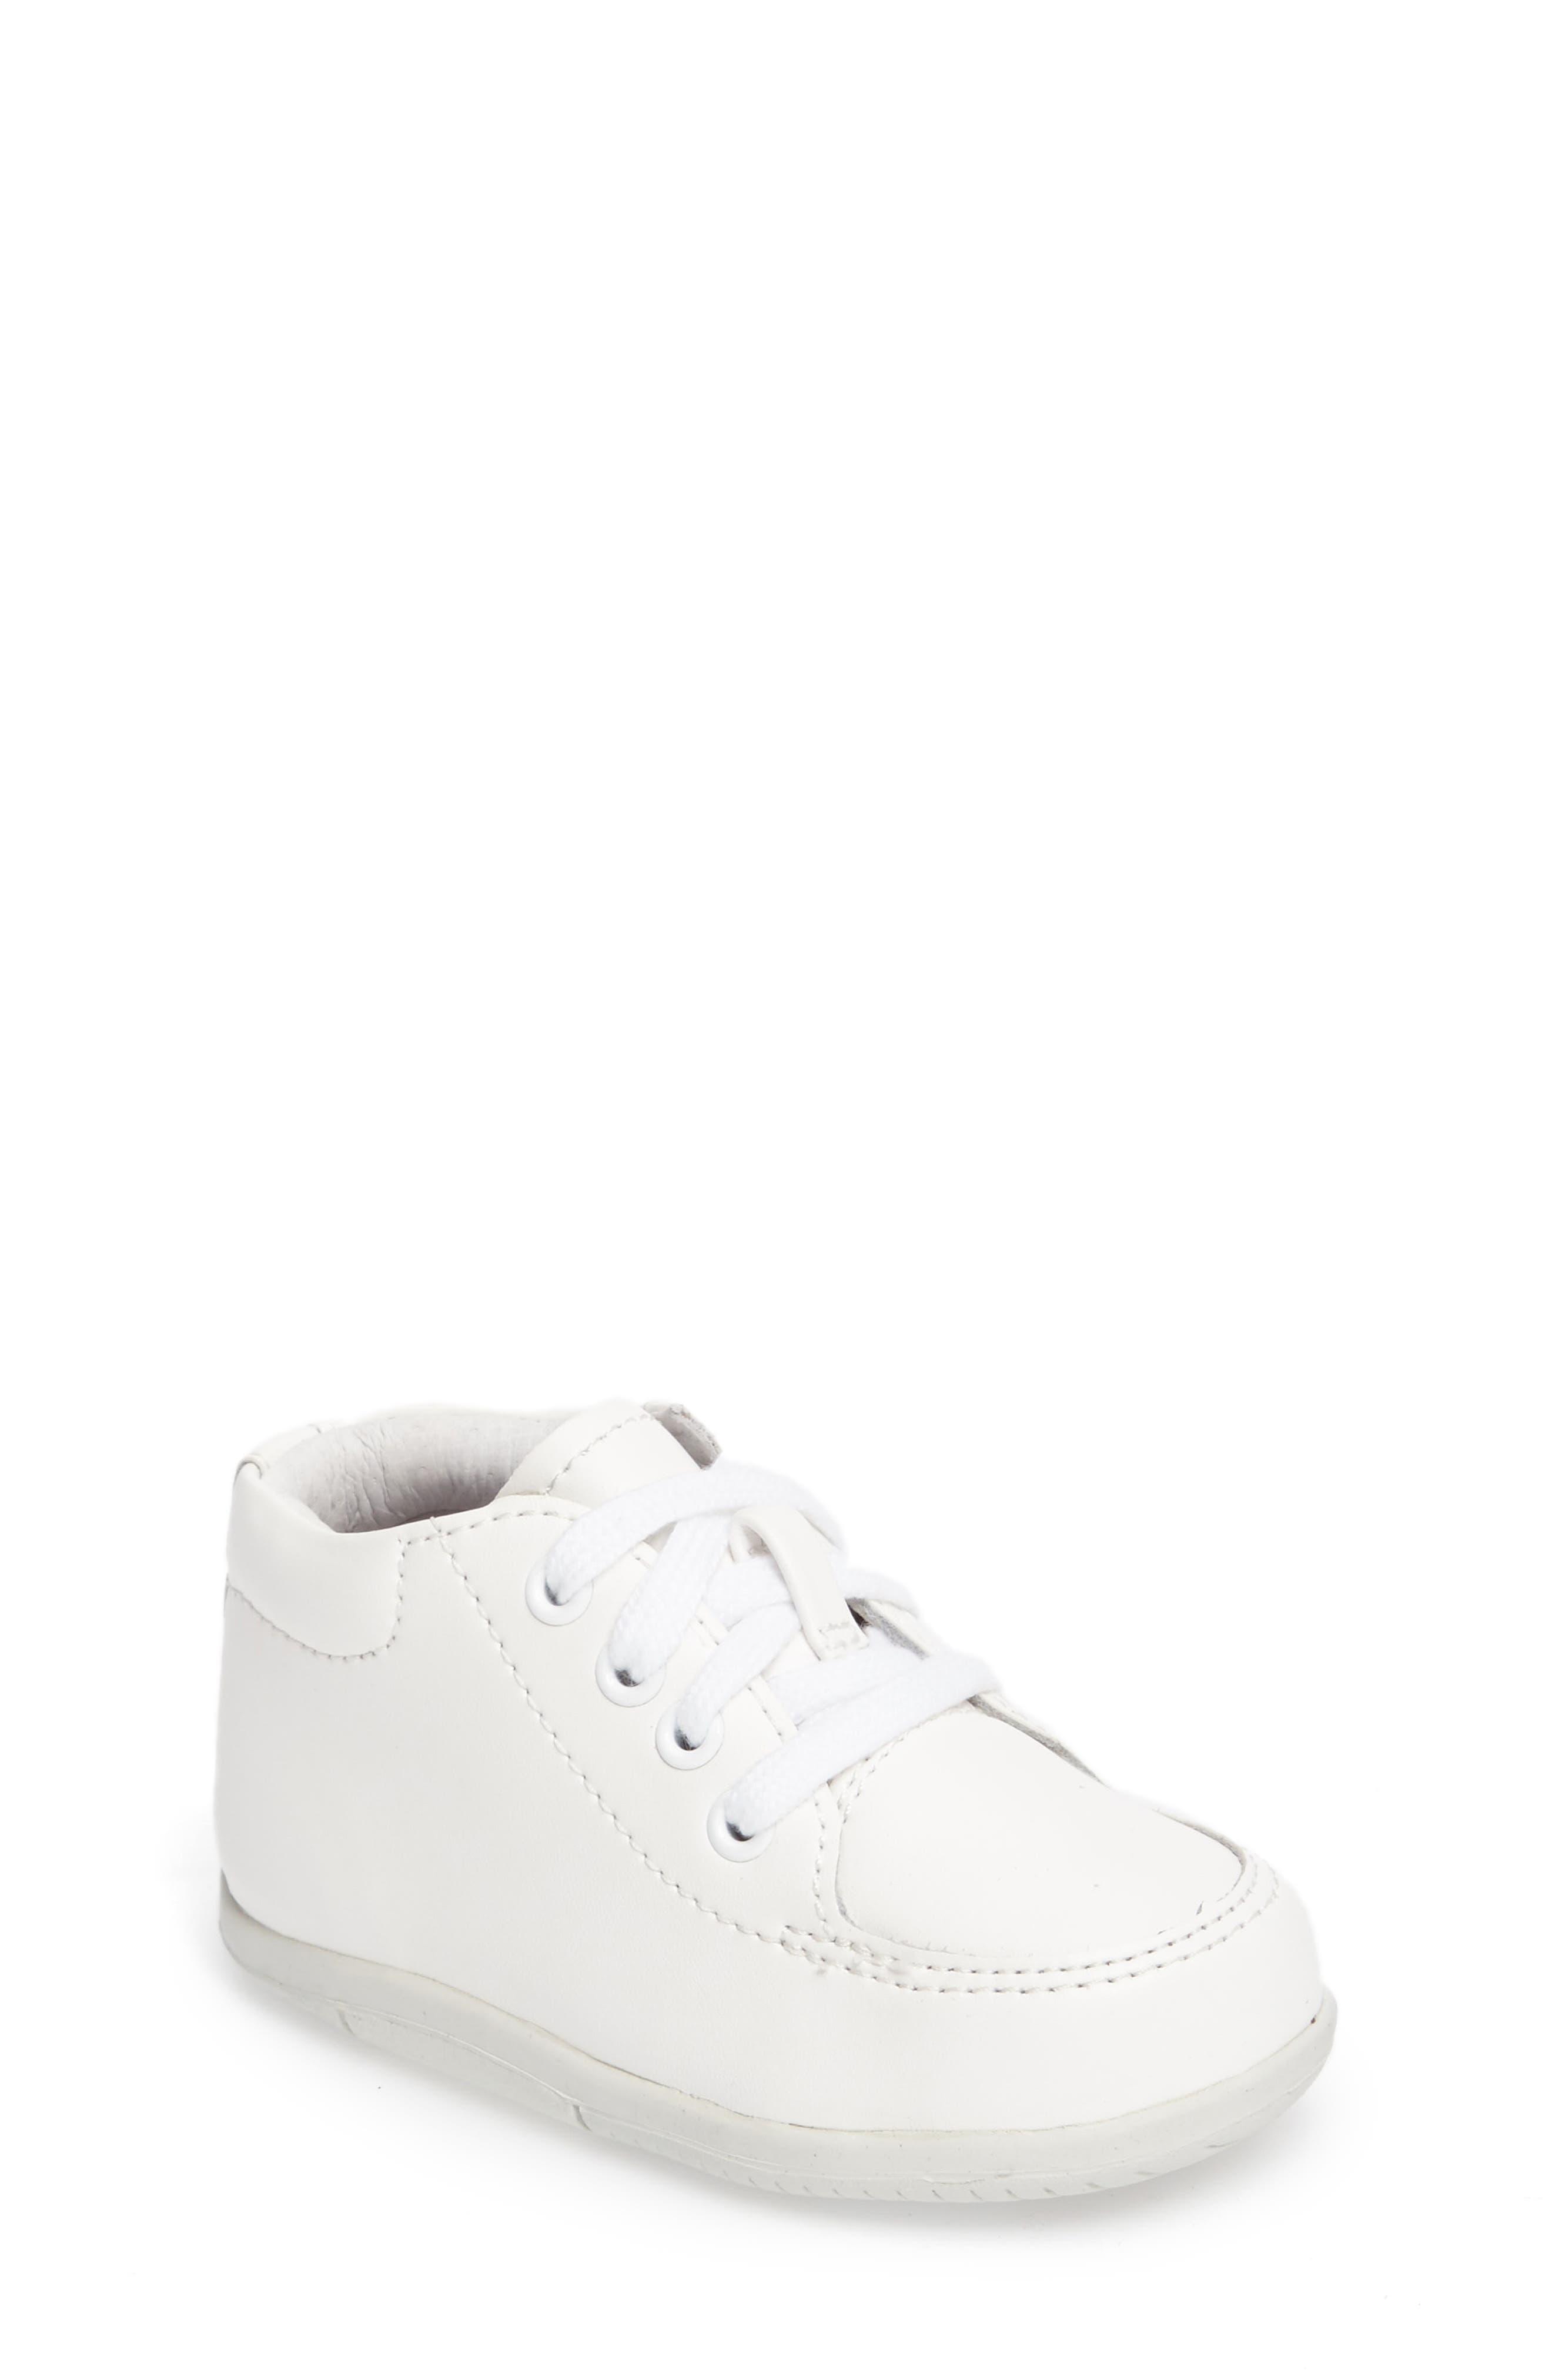 STRIDE RITE Grayson Sneaker, Main, color, WHITE